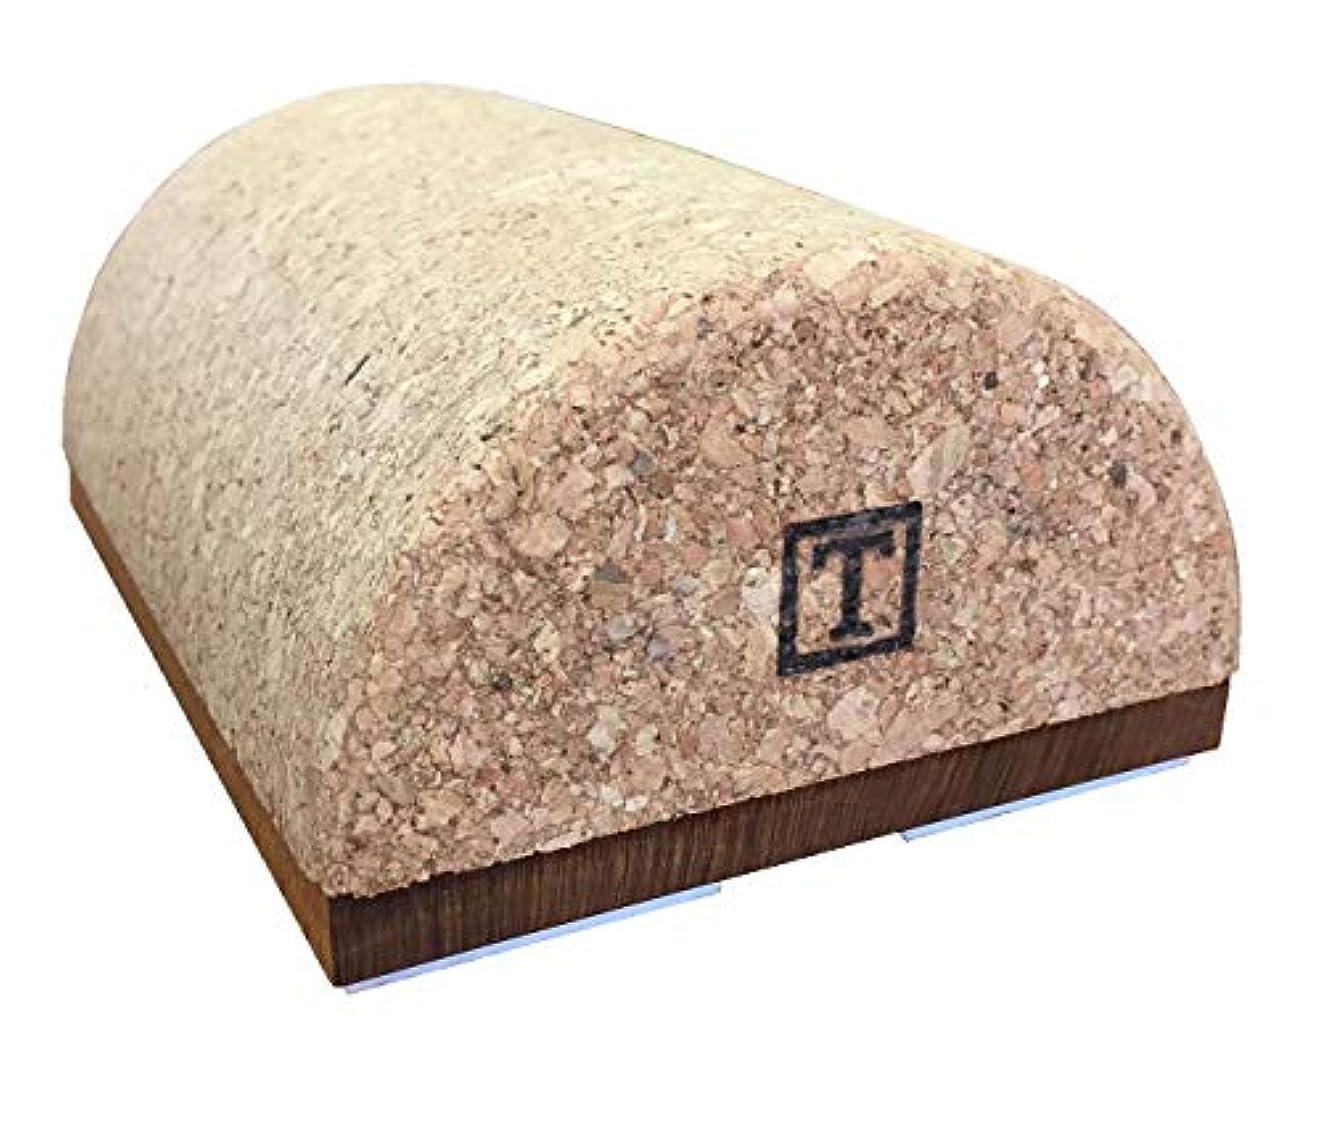 識別する軽寺院揉みの木シリーズ マルチタイプ -腰 肩甲骨周辺 わき 骨盤 殿筋 ふくらはぎなどのコリや疲労に-